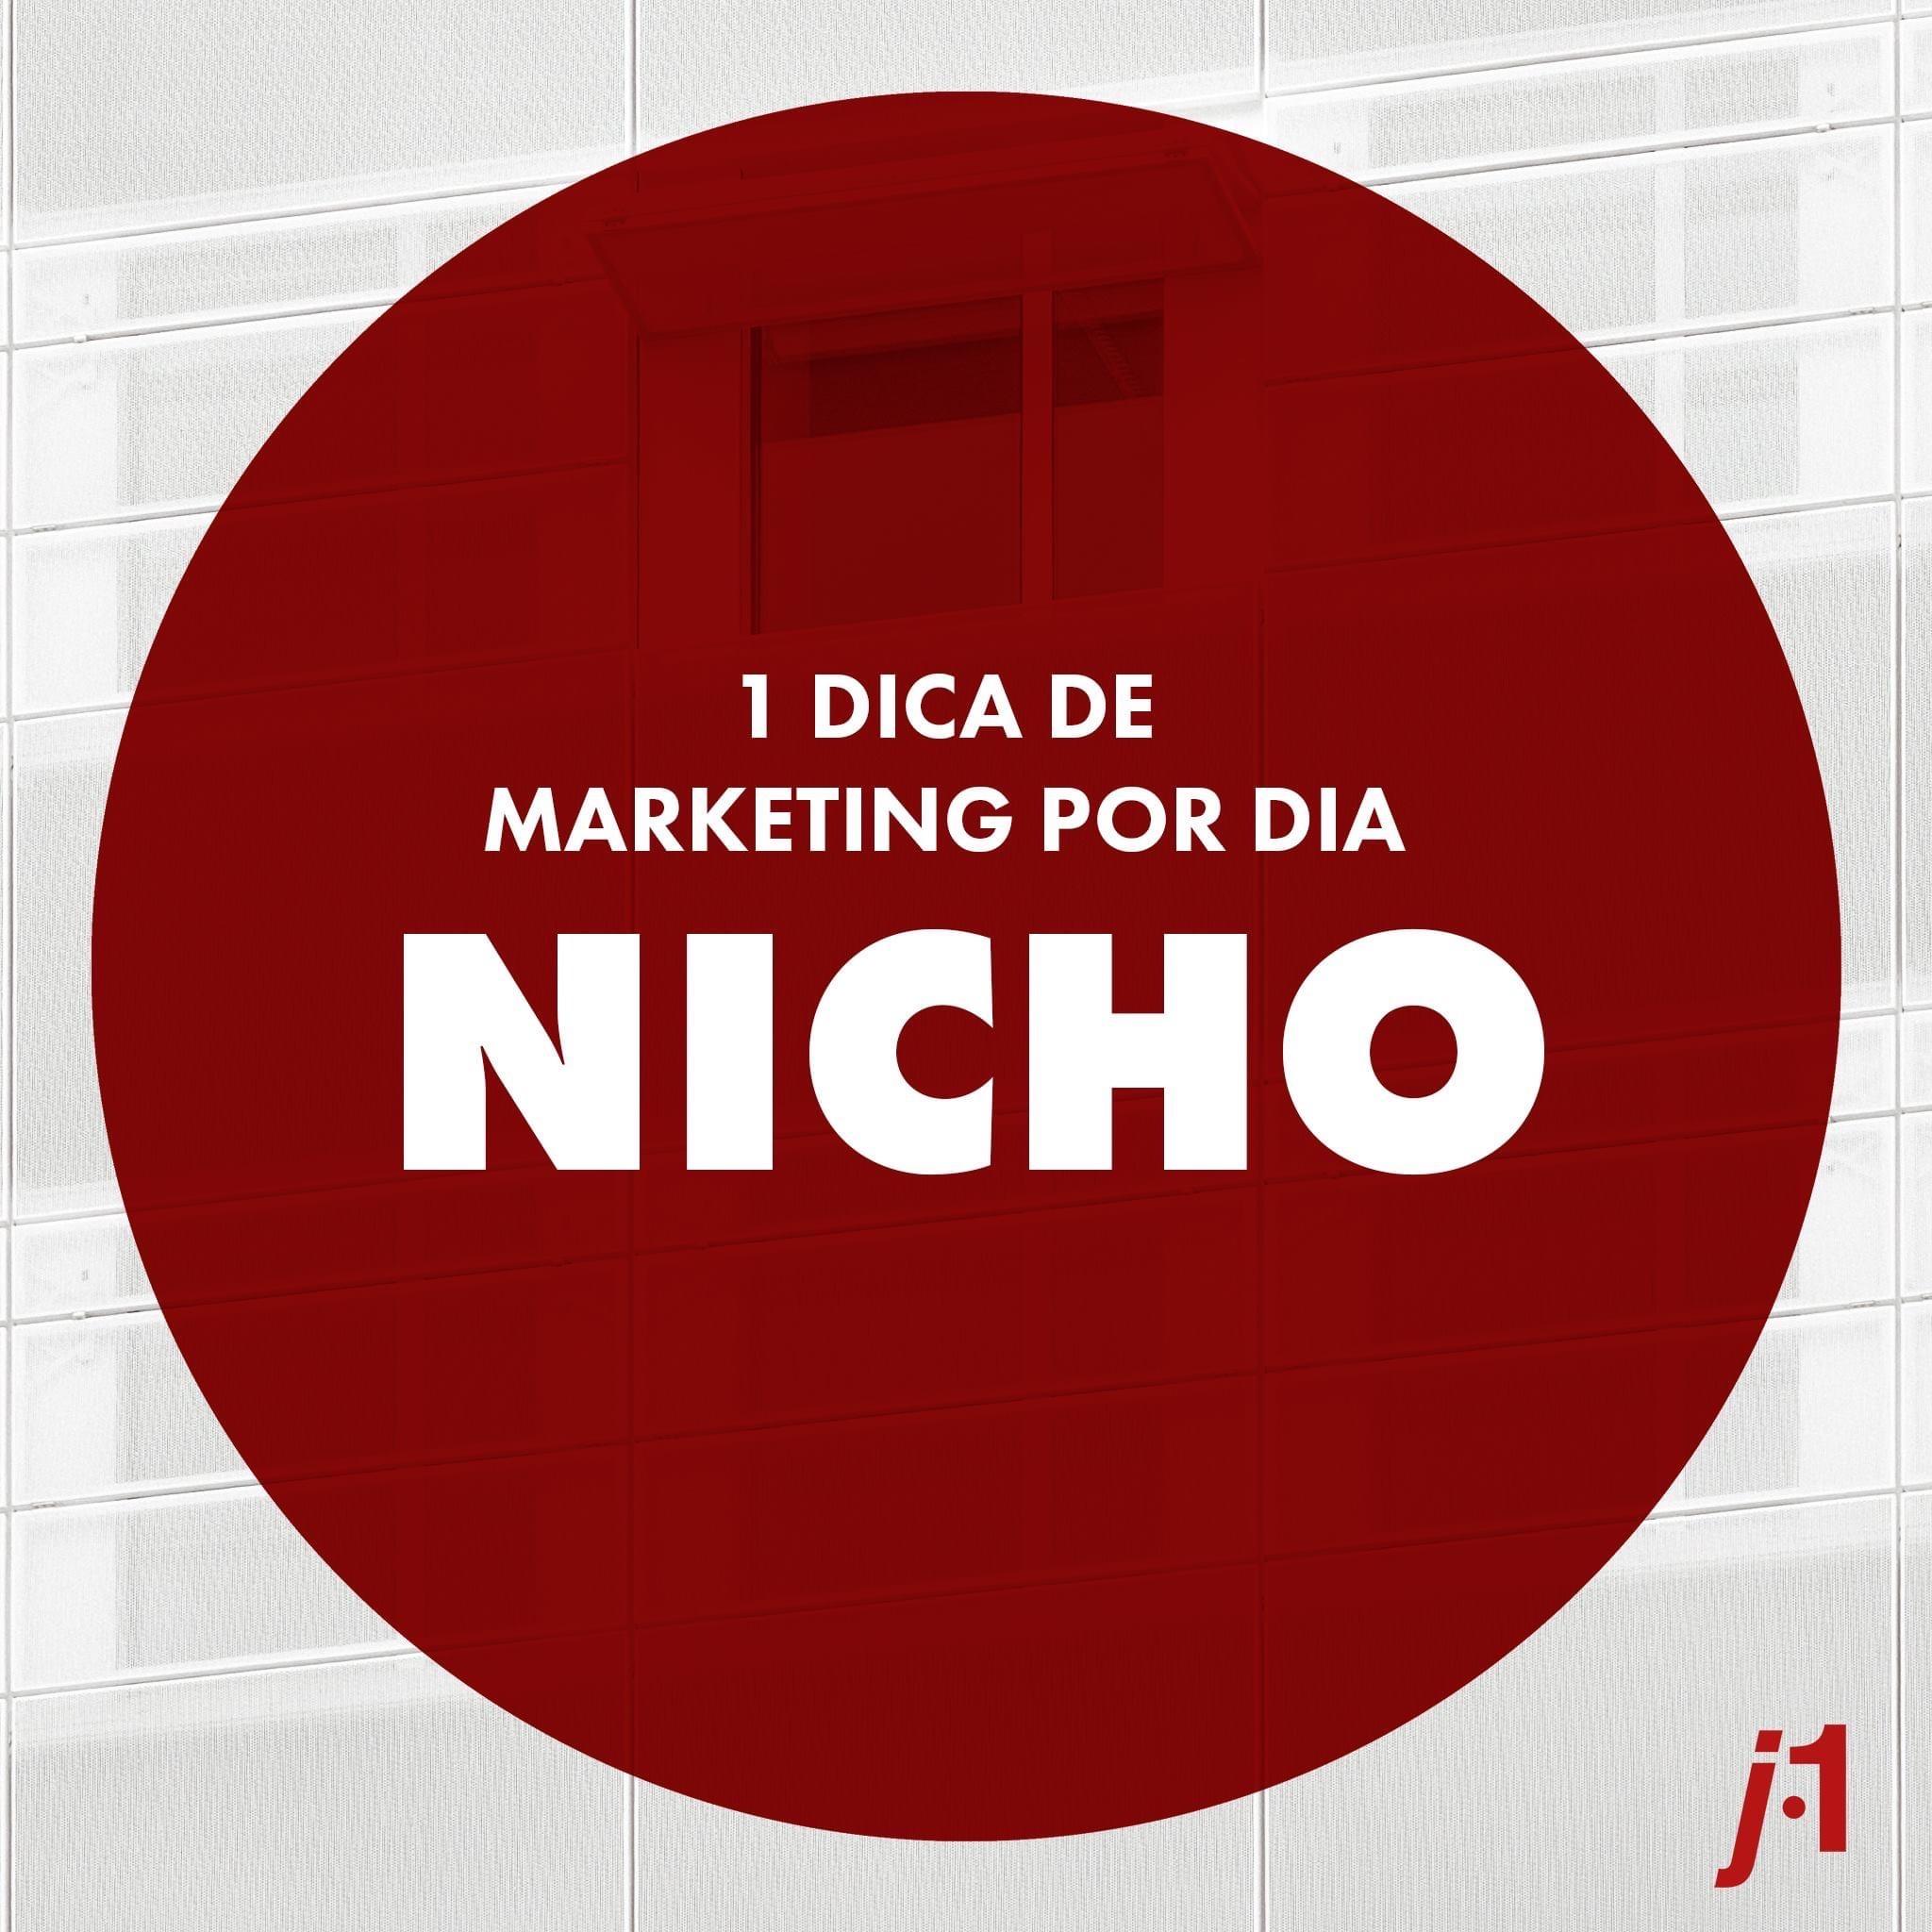 Dicas de Marketing - Nicho